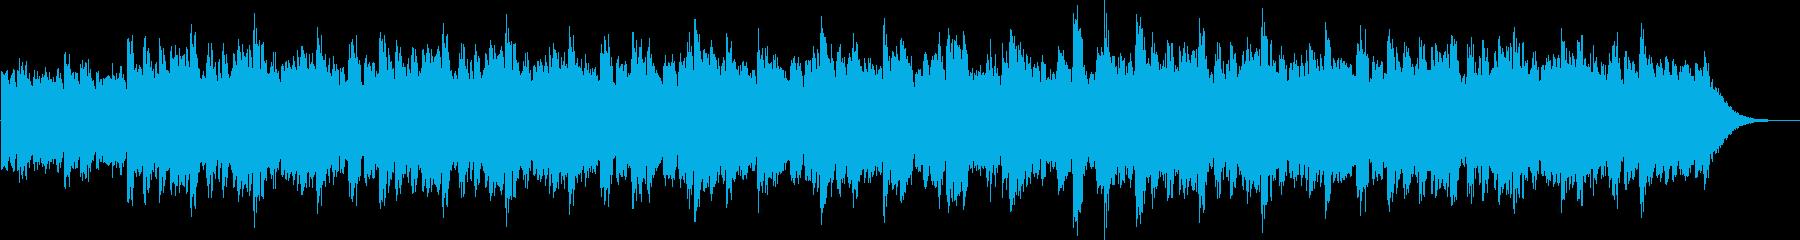 ミステリアスで感傷的なオルゴールサウンドの再生済みの波形